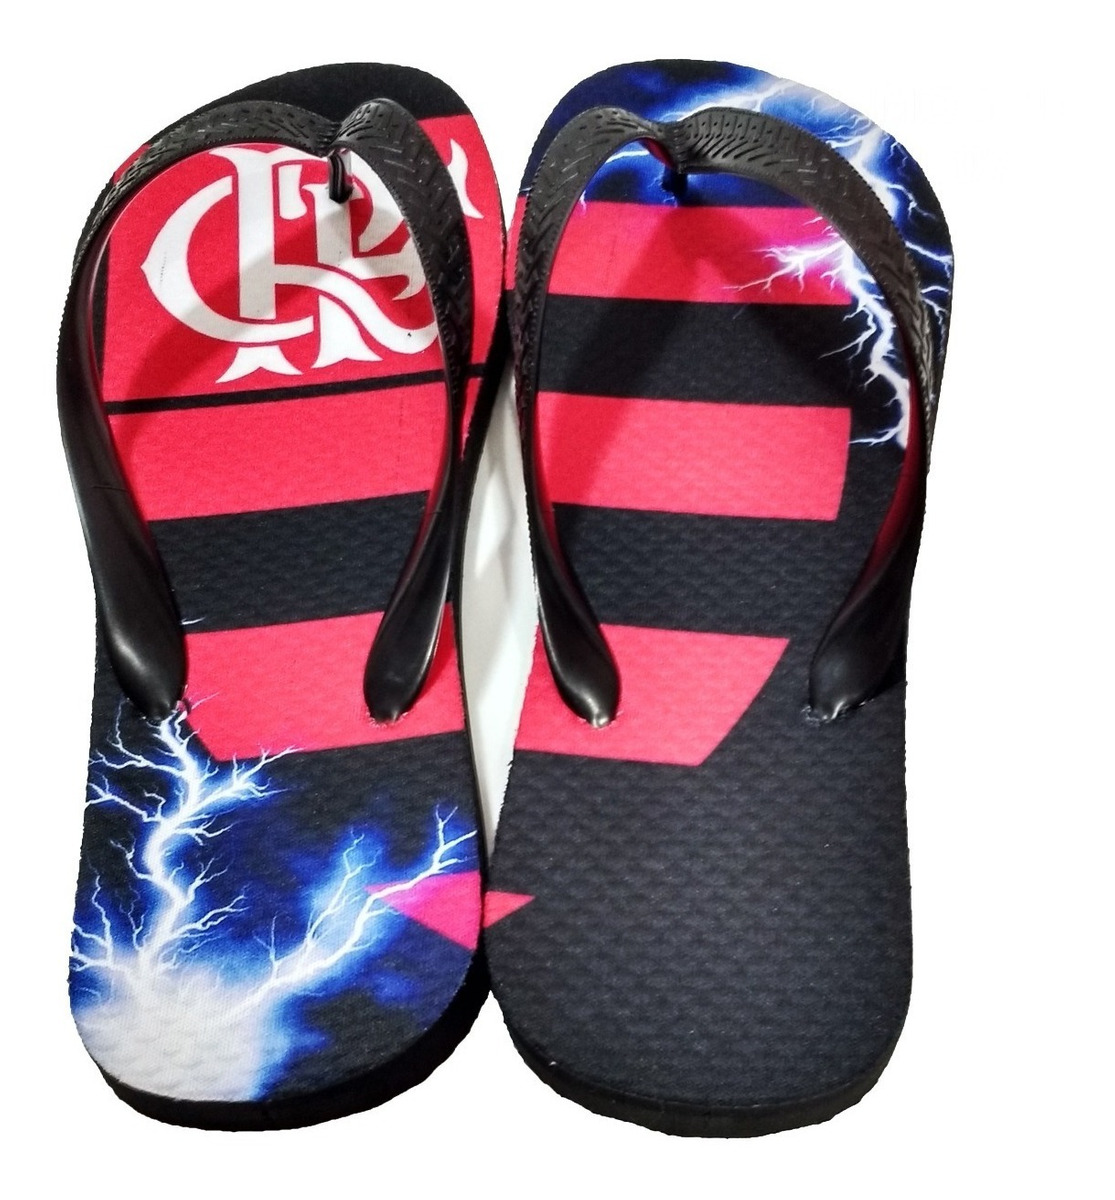 7ce7fe6cc69d82 Chinelo Do Flamengo - Personalizado Mod 07